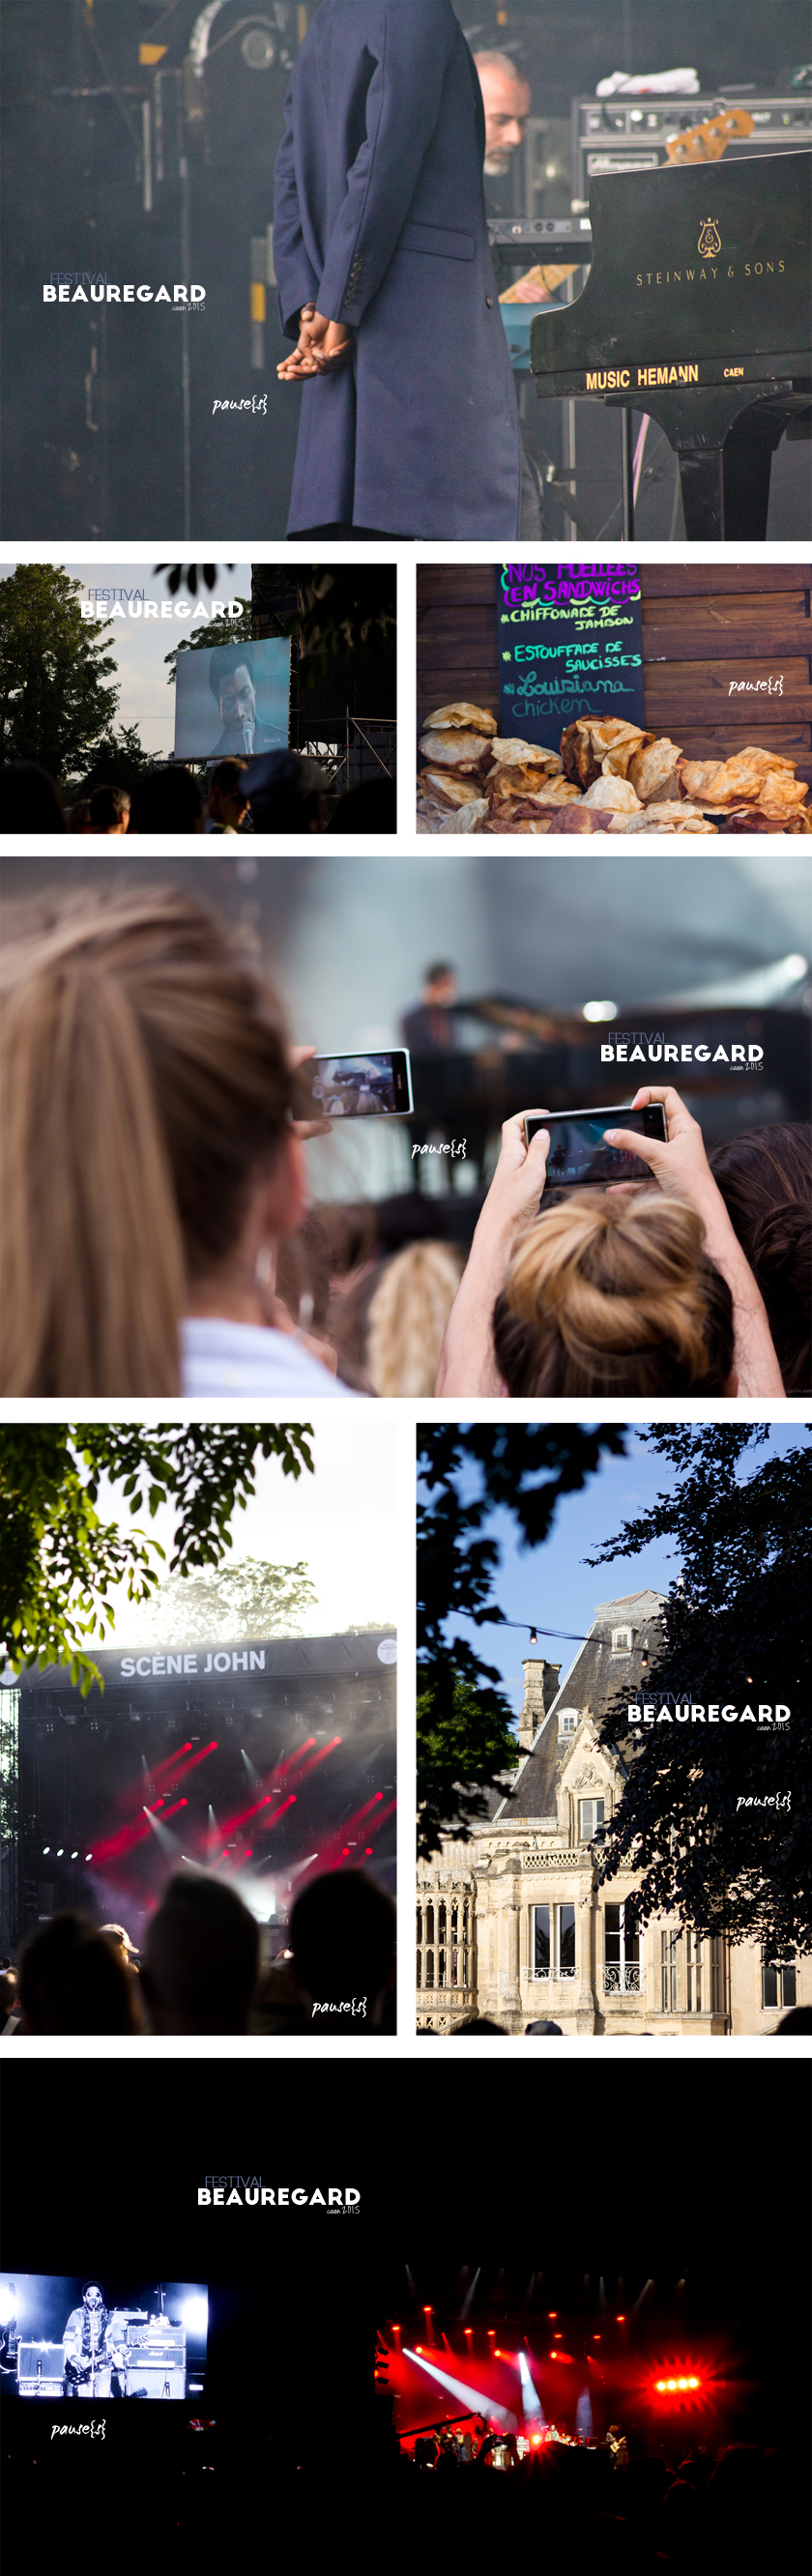 beauregard2015-06